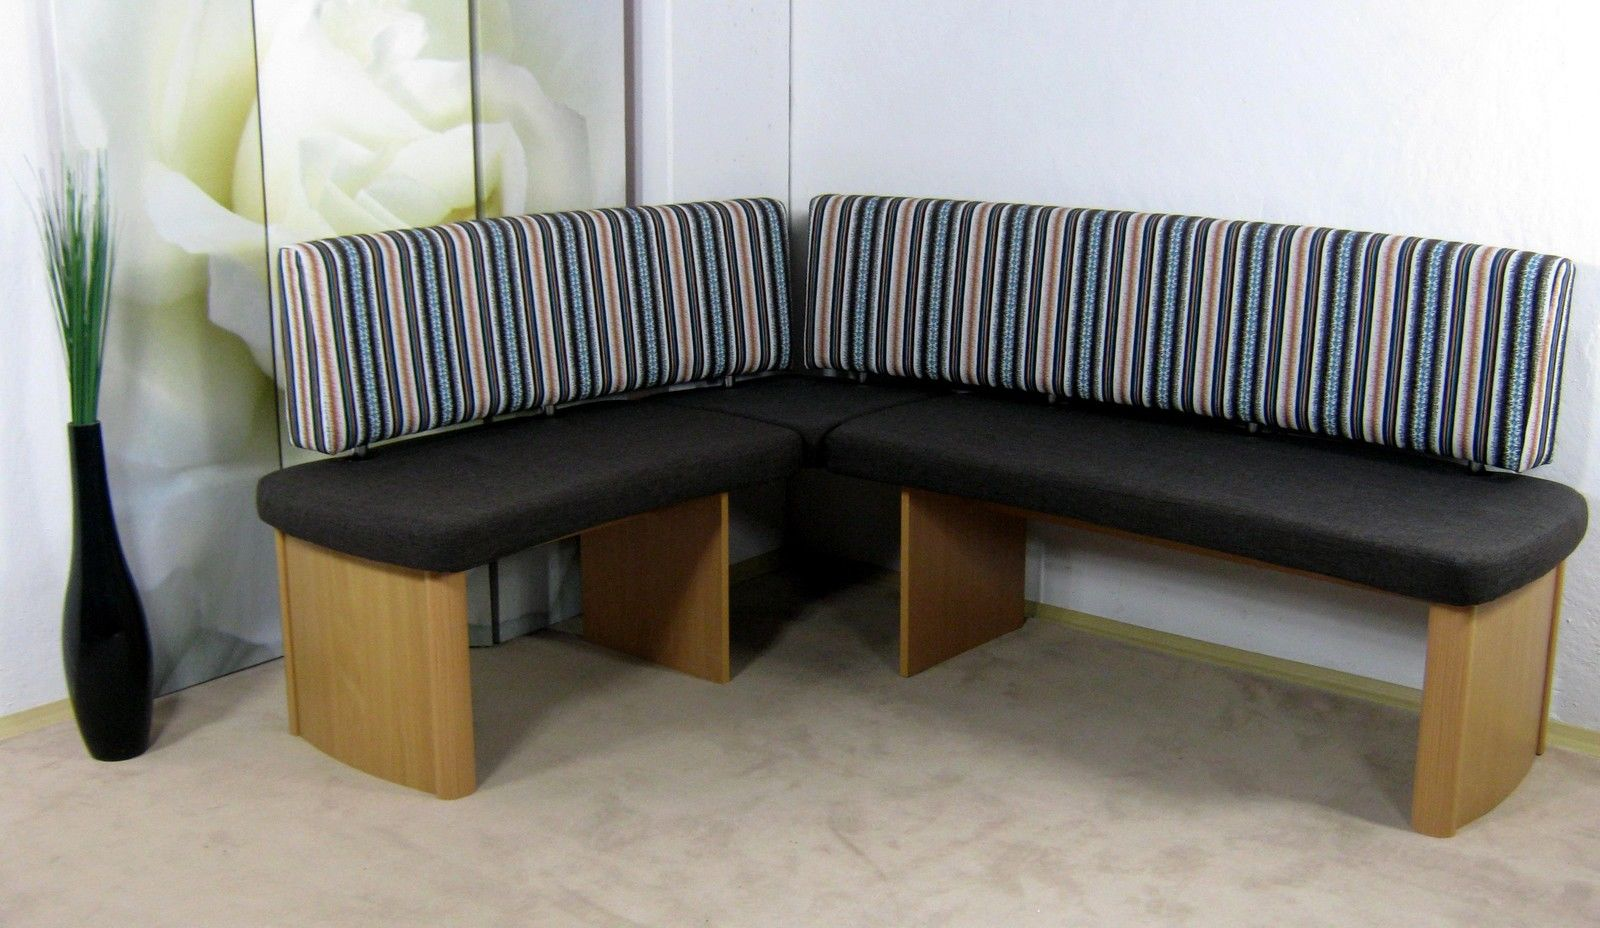 Bezaubernd Moderne Sitzecke Galerie Von Eckbank Mocca Blau Esszimmer Küchenbank Essecke Design